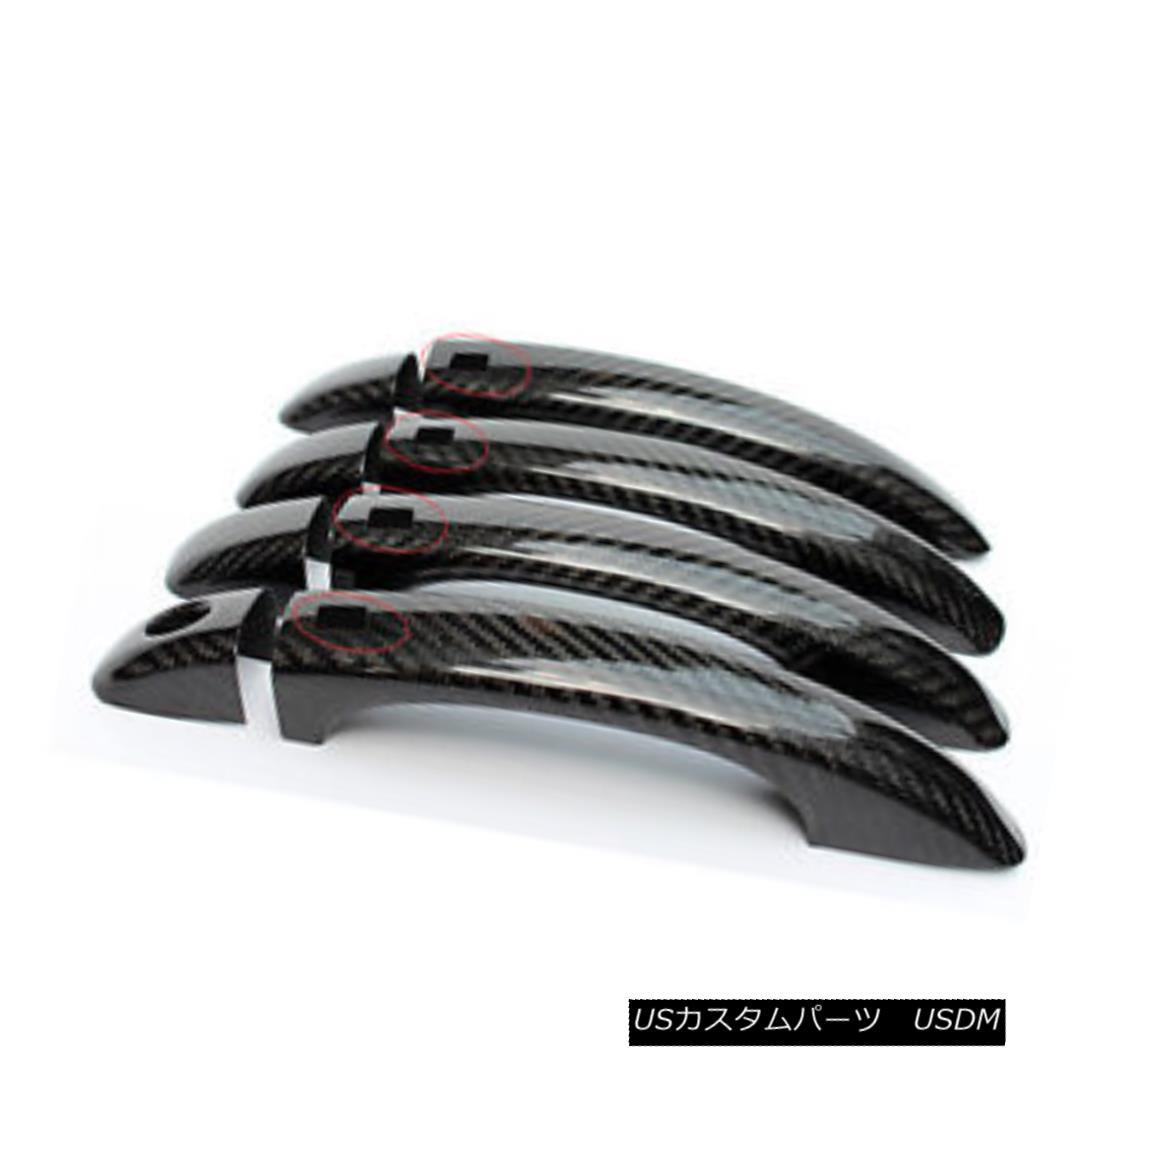 エアロパーツ Cover Outter Door Handle Cover Fiber For A4L Audi 09-16 A4 A4L With Sensor Bar Trim Carbon Fiber アウディ用外側ドアハンドルカバー09-16 A4 A4Lセンサーバートリムカーボンファイバー付き, 都筑区:e39dfe66 --- sunward.msk.ru